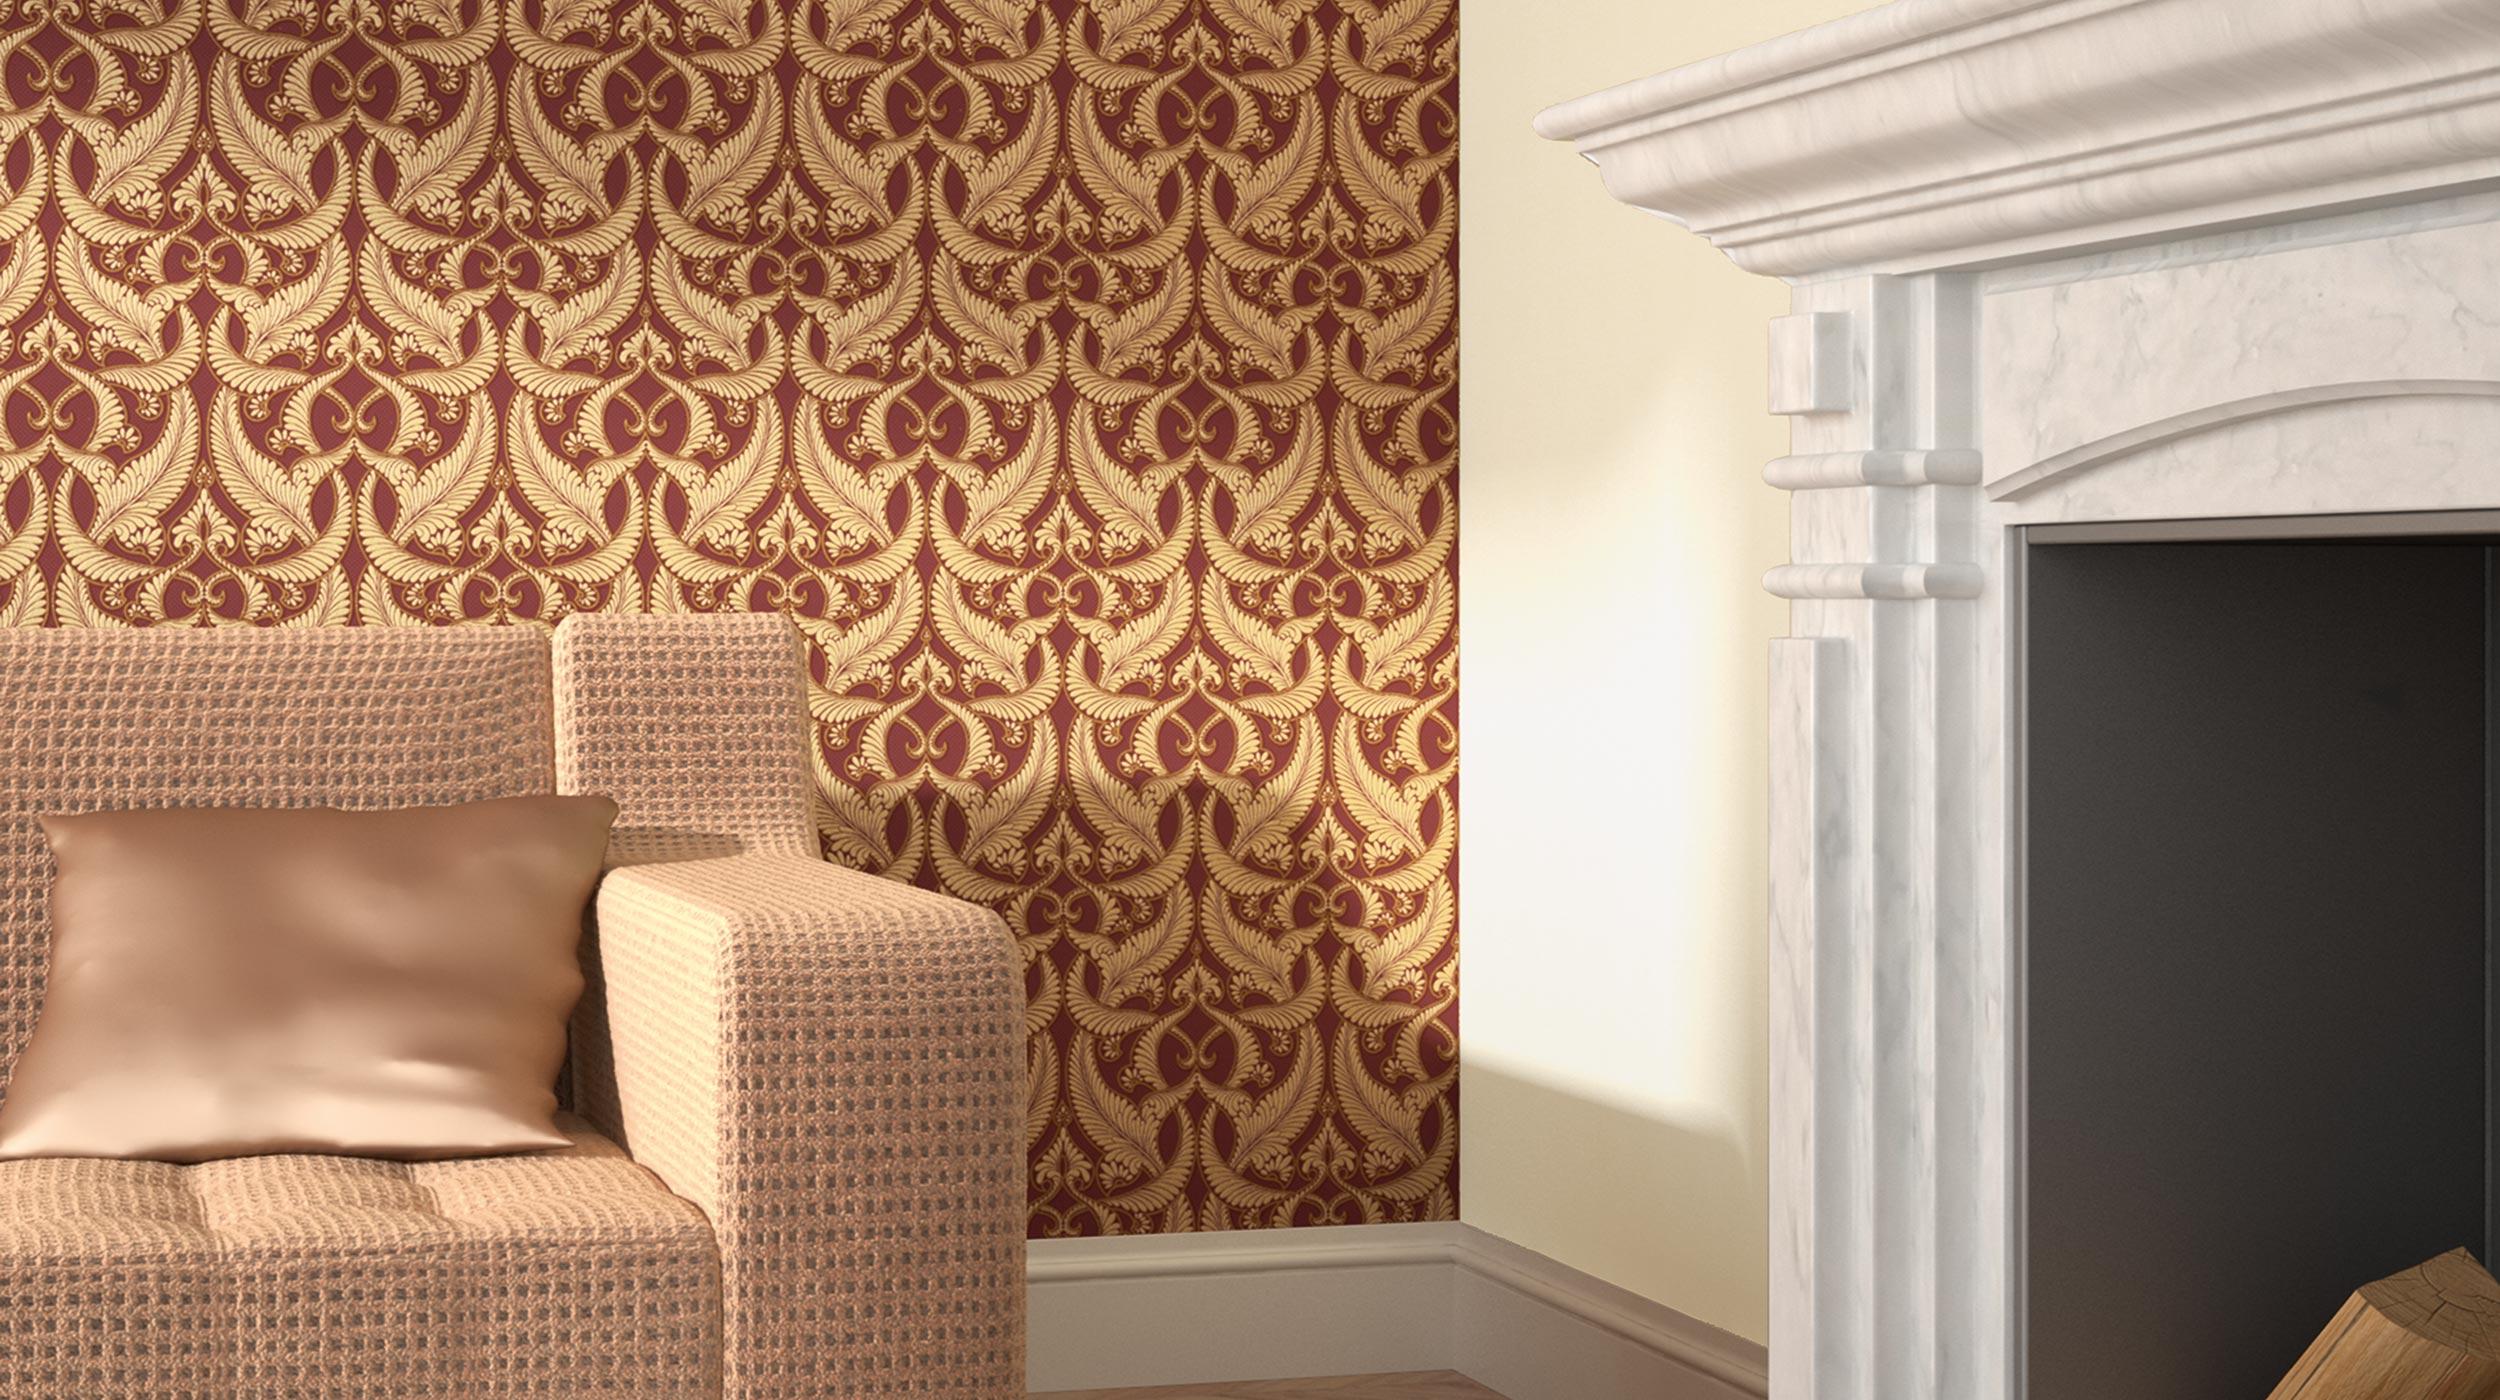 Full Size of Tapete Wohnzimmer Mint Kleines Wohnzimmer Welche Tapete Wohnzimmer Tapeten Ebay Wohnzimmer Tapeten Trends 2017 Wohnzimmer Wohnzimmer Tapete